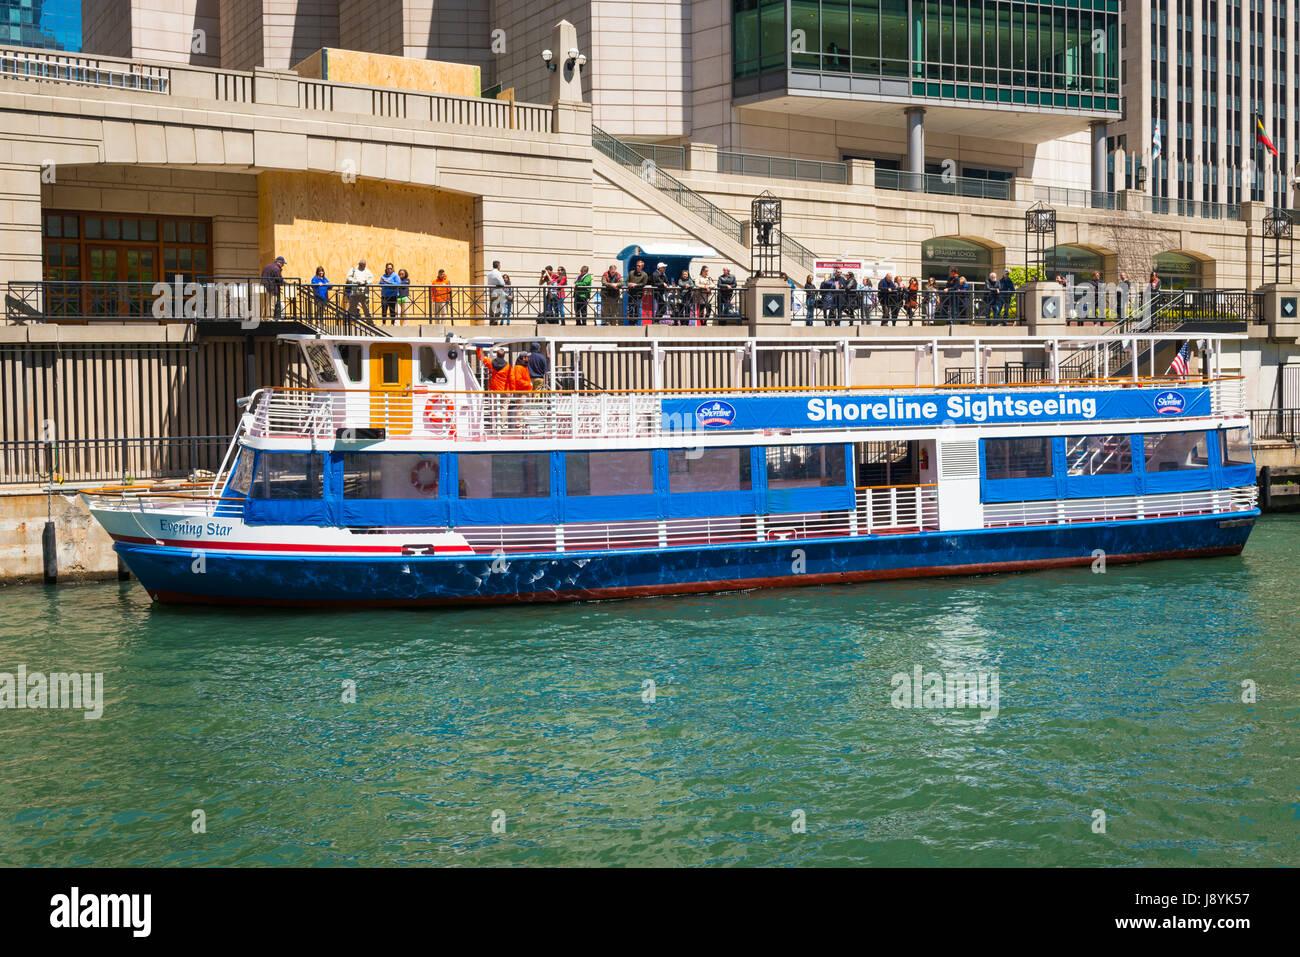 La rivière Chicago Illinois Trump Tower gratte-ciel ciel bleu Rivage Visites visiteurs touristes tourisme visite Photo Stock